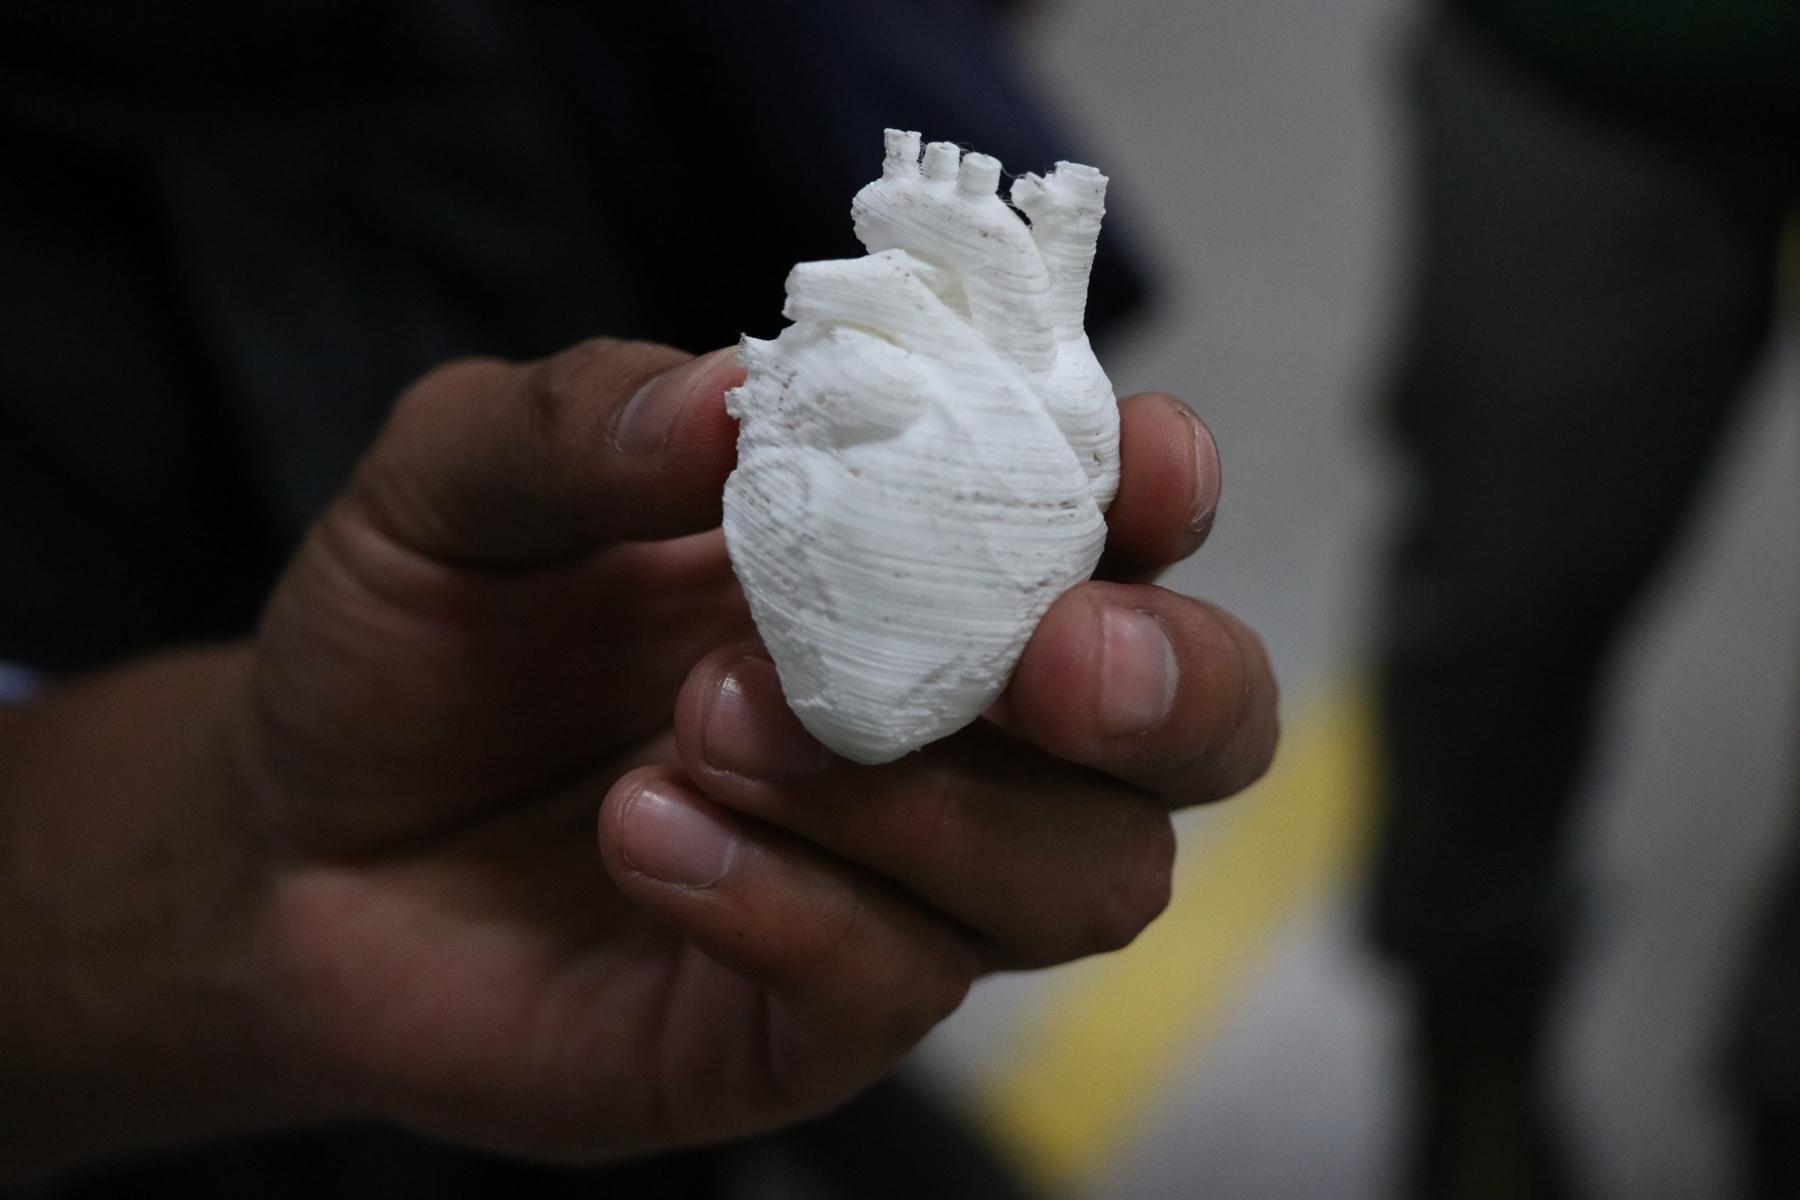 Este fue el prototipo de un corazón hecho con la impresora 3D fabricada por el estudiante quetzalteco. (Foto Prensa Libre: María Longo)